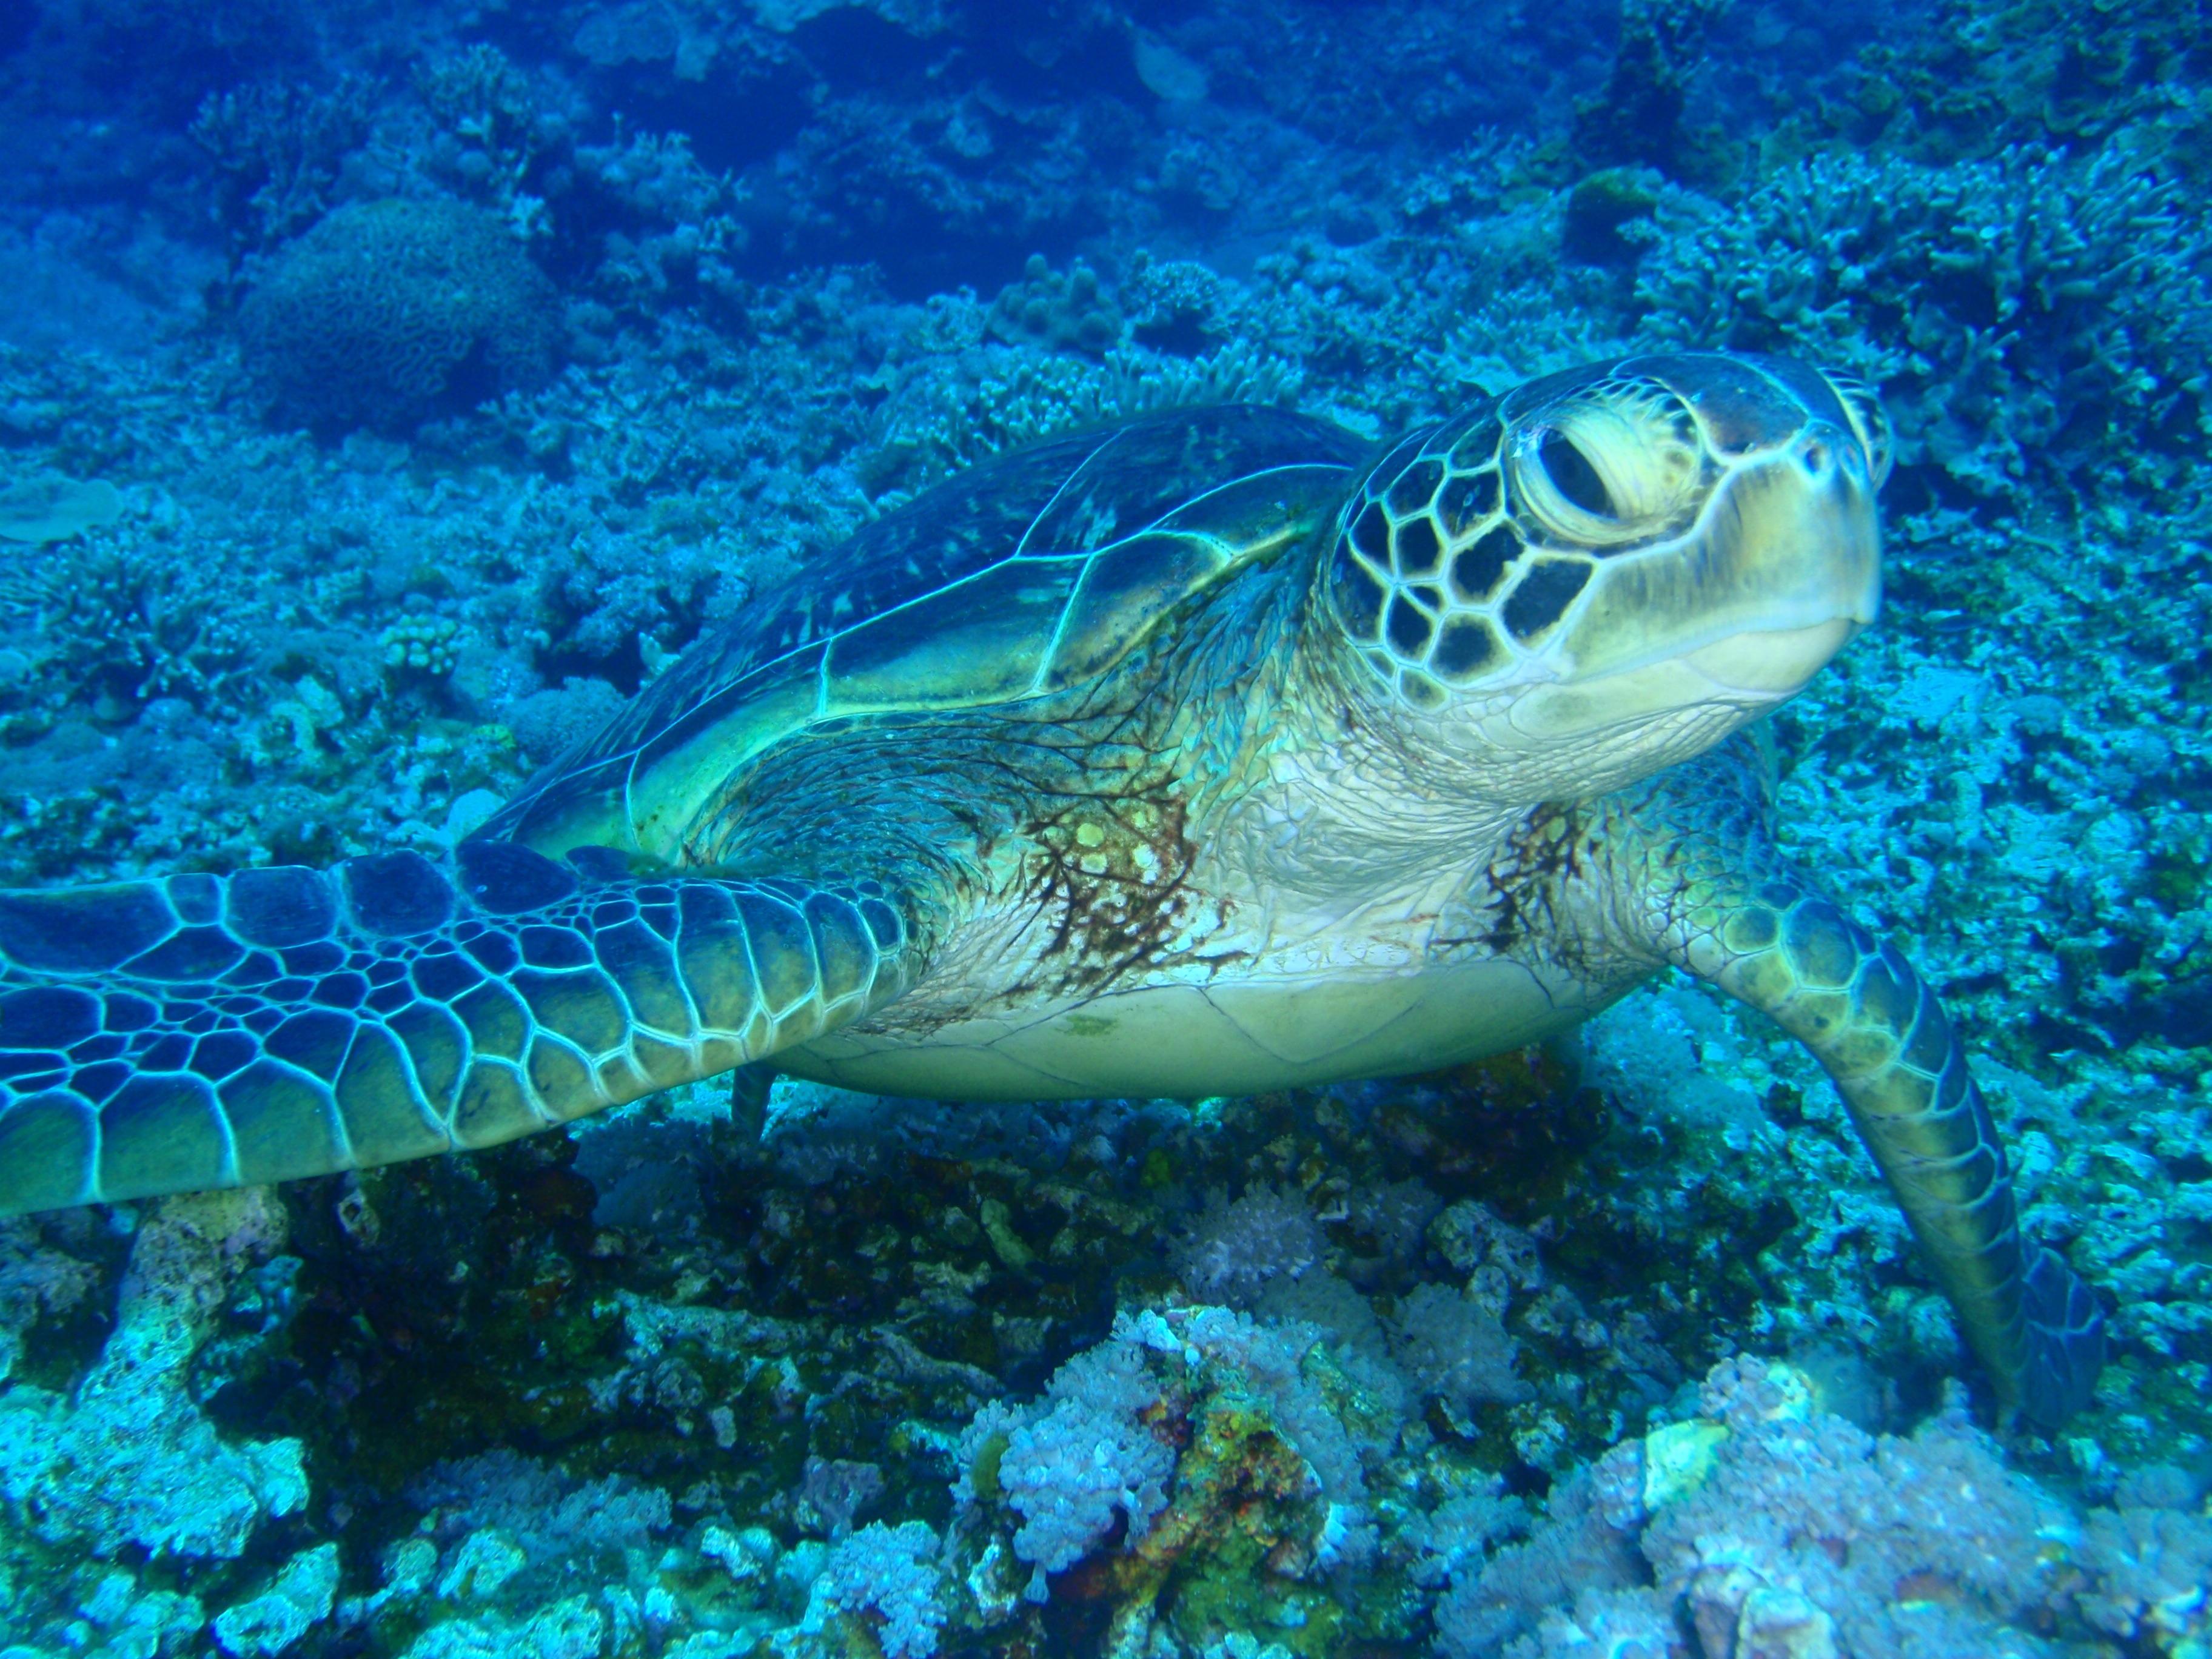 ボートでの講習希望(別途)を出せば講習中にウミガメに出会うことも?!